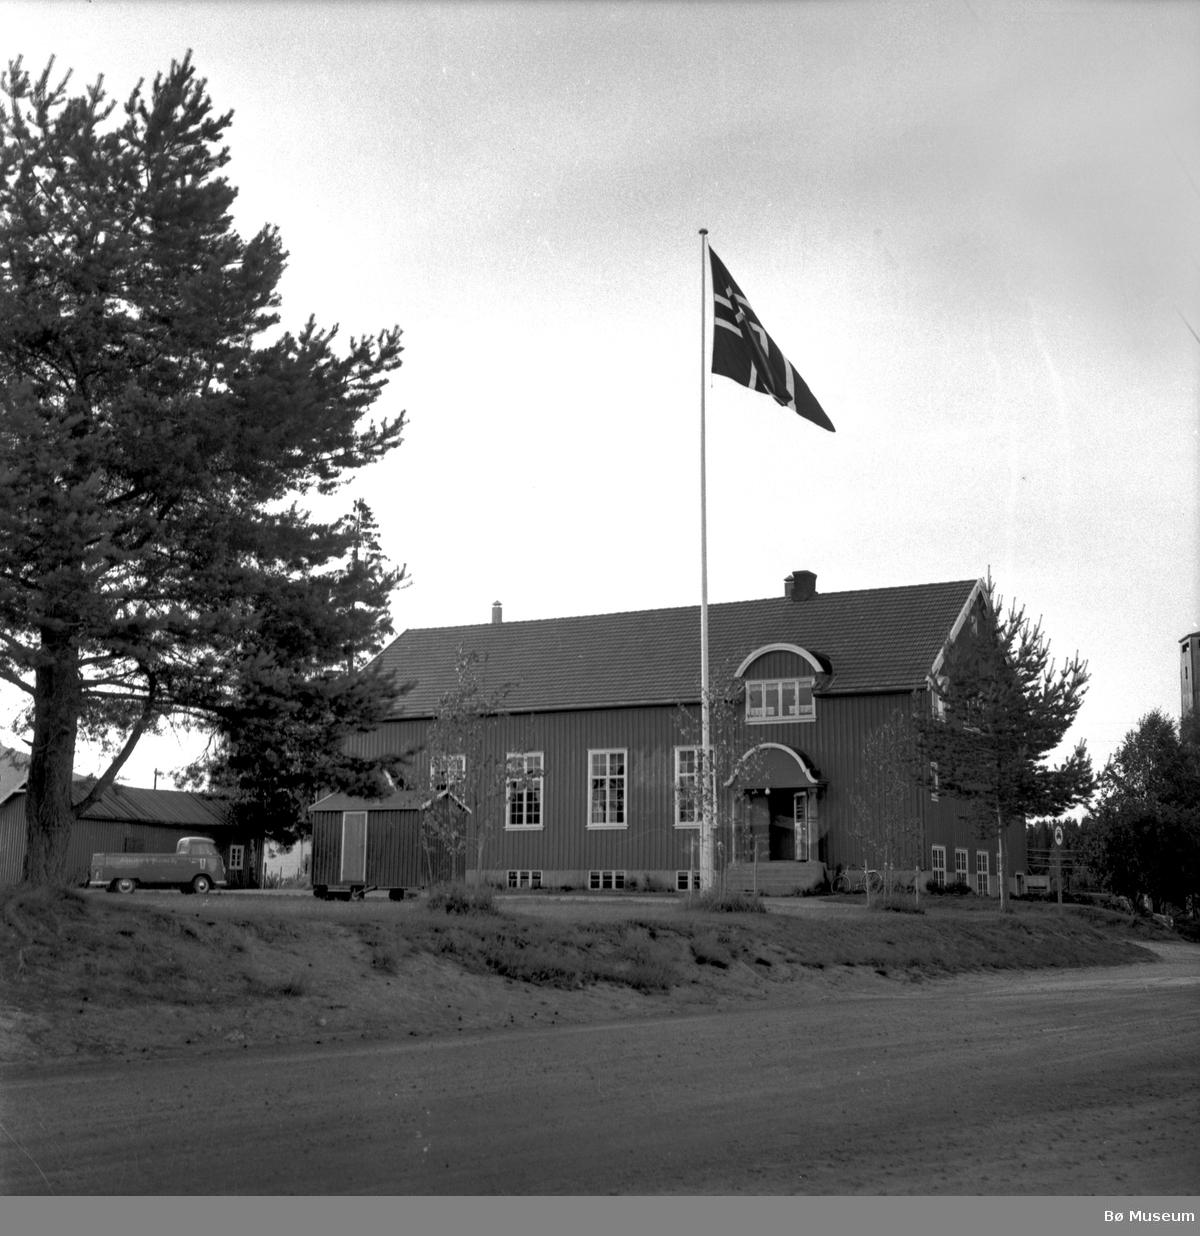 Bø Ungdomslags hus Sandvin i 1958 (foto: Varden)